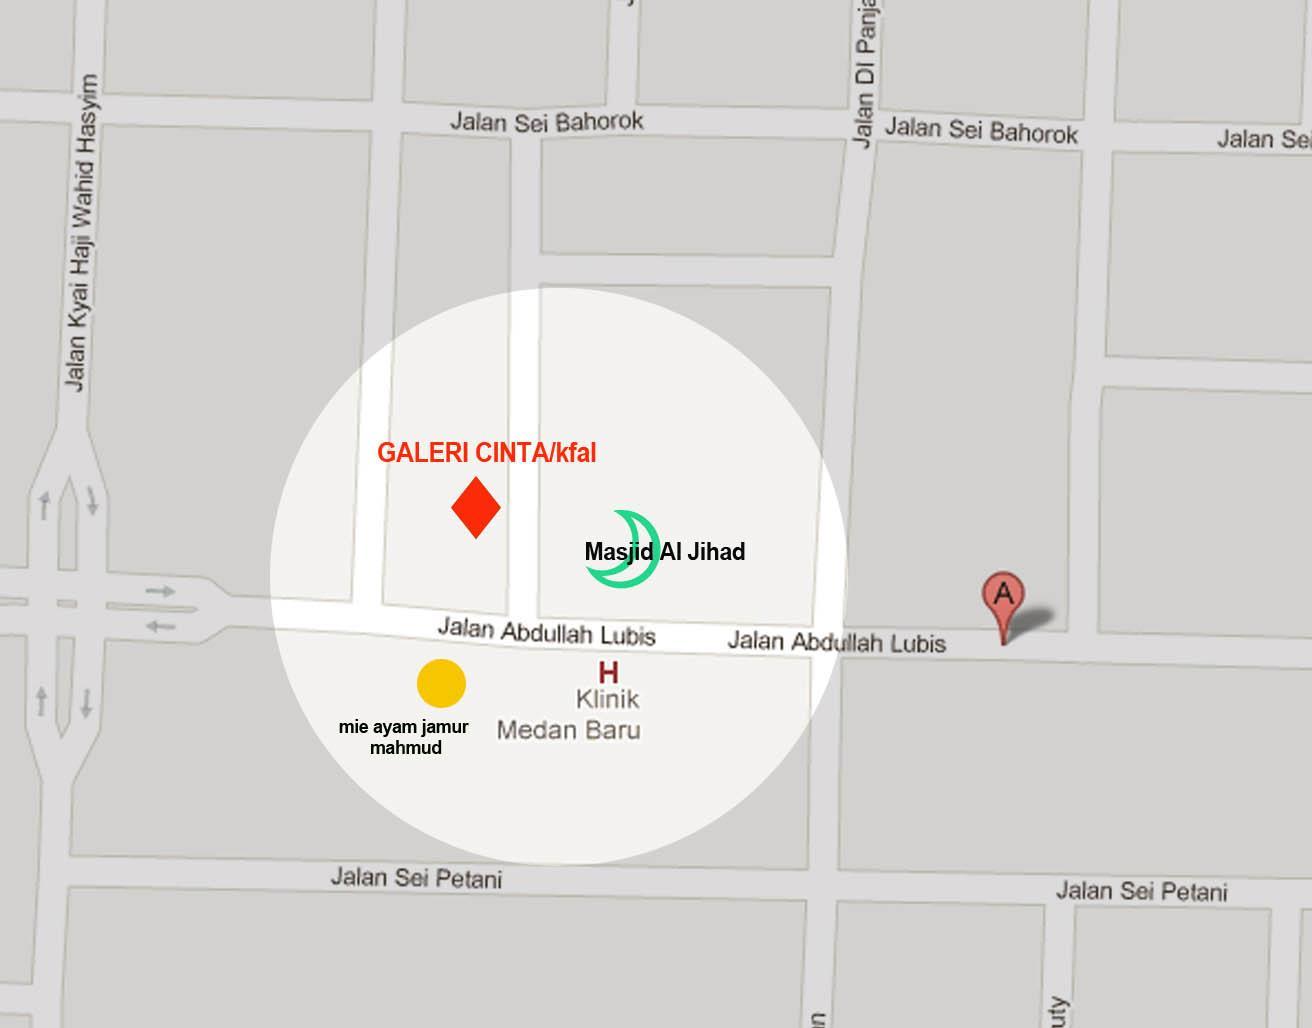 Peta Lokasi Galeri Cinta